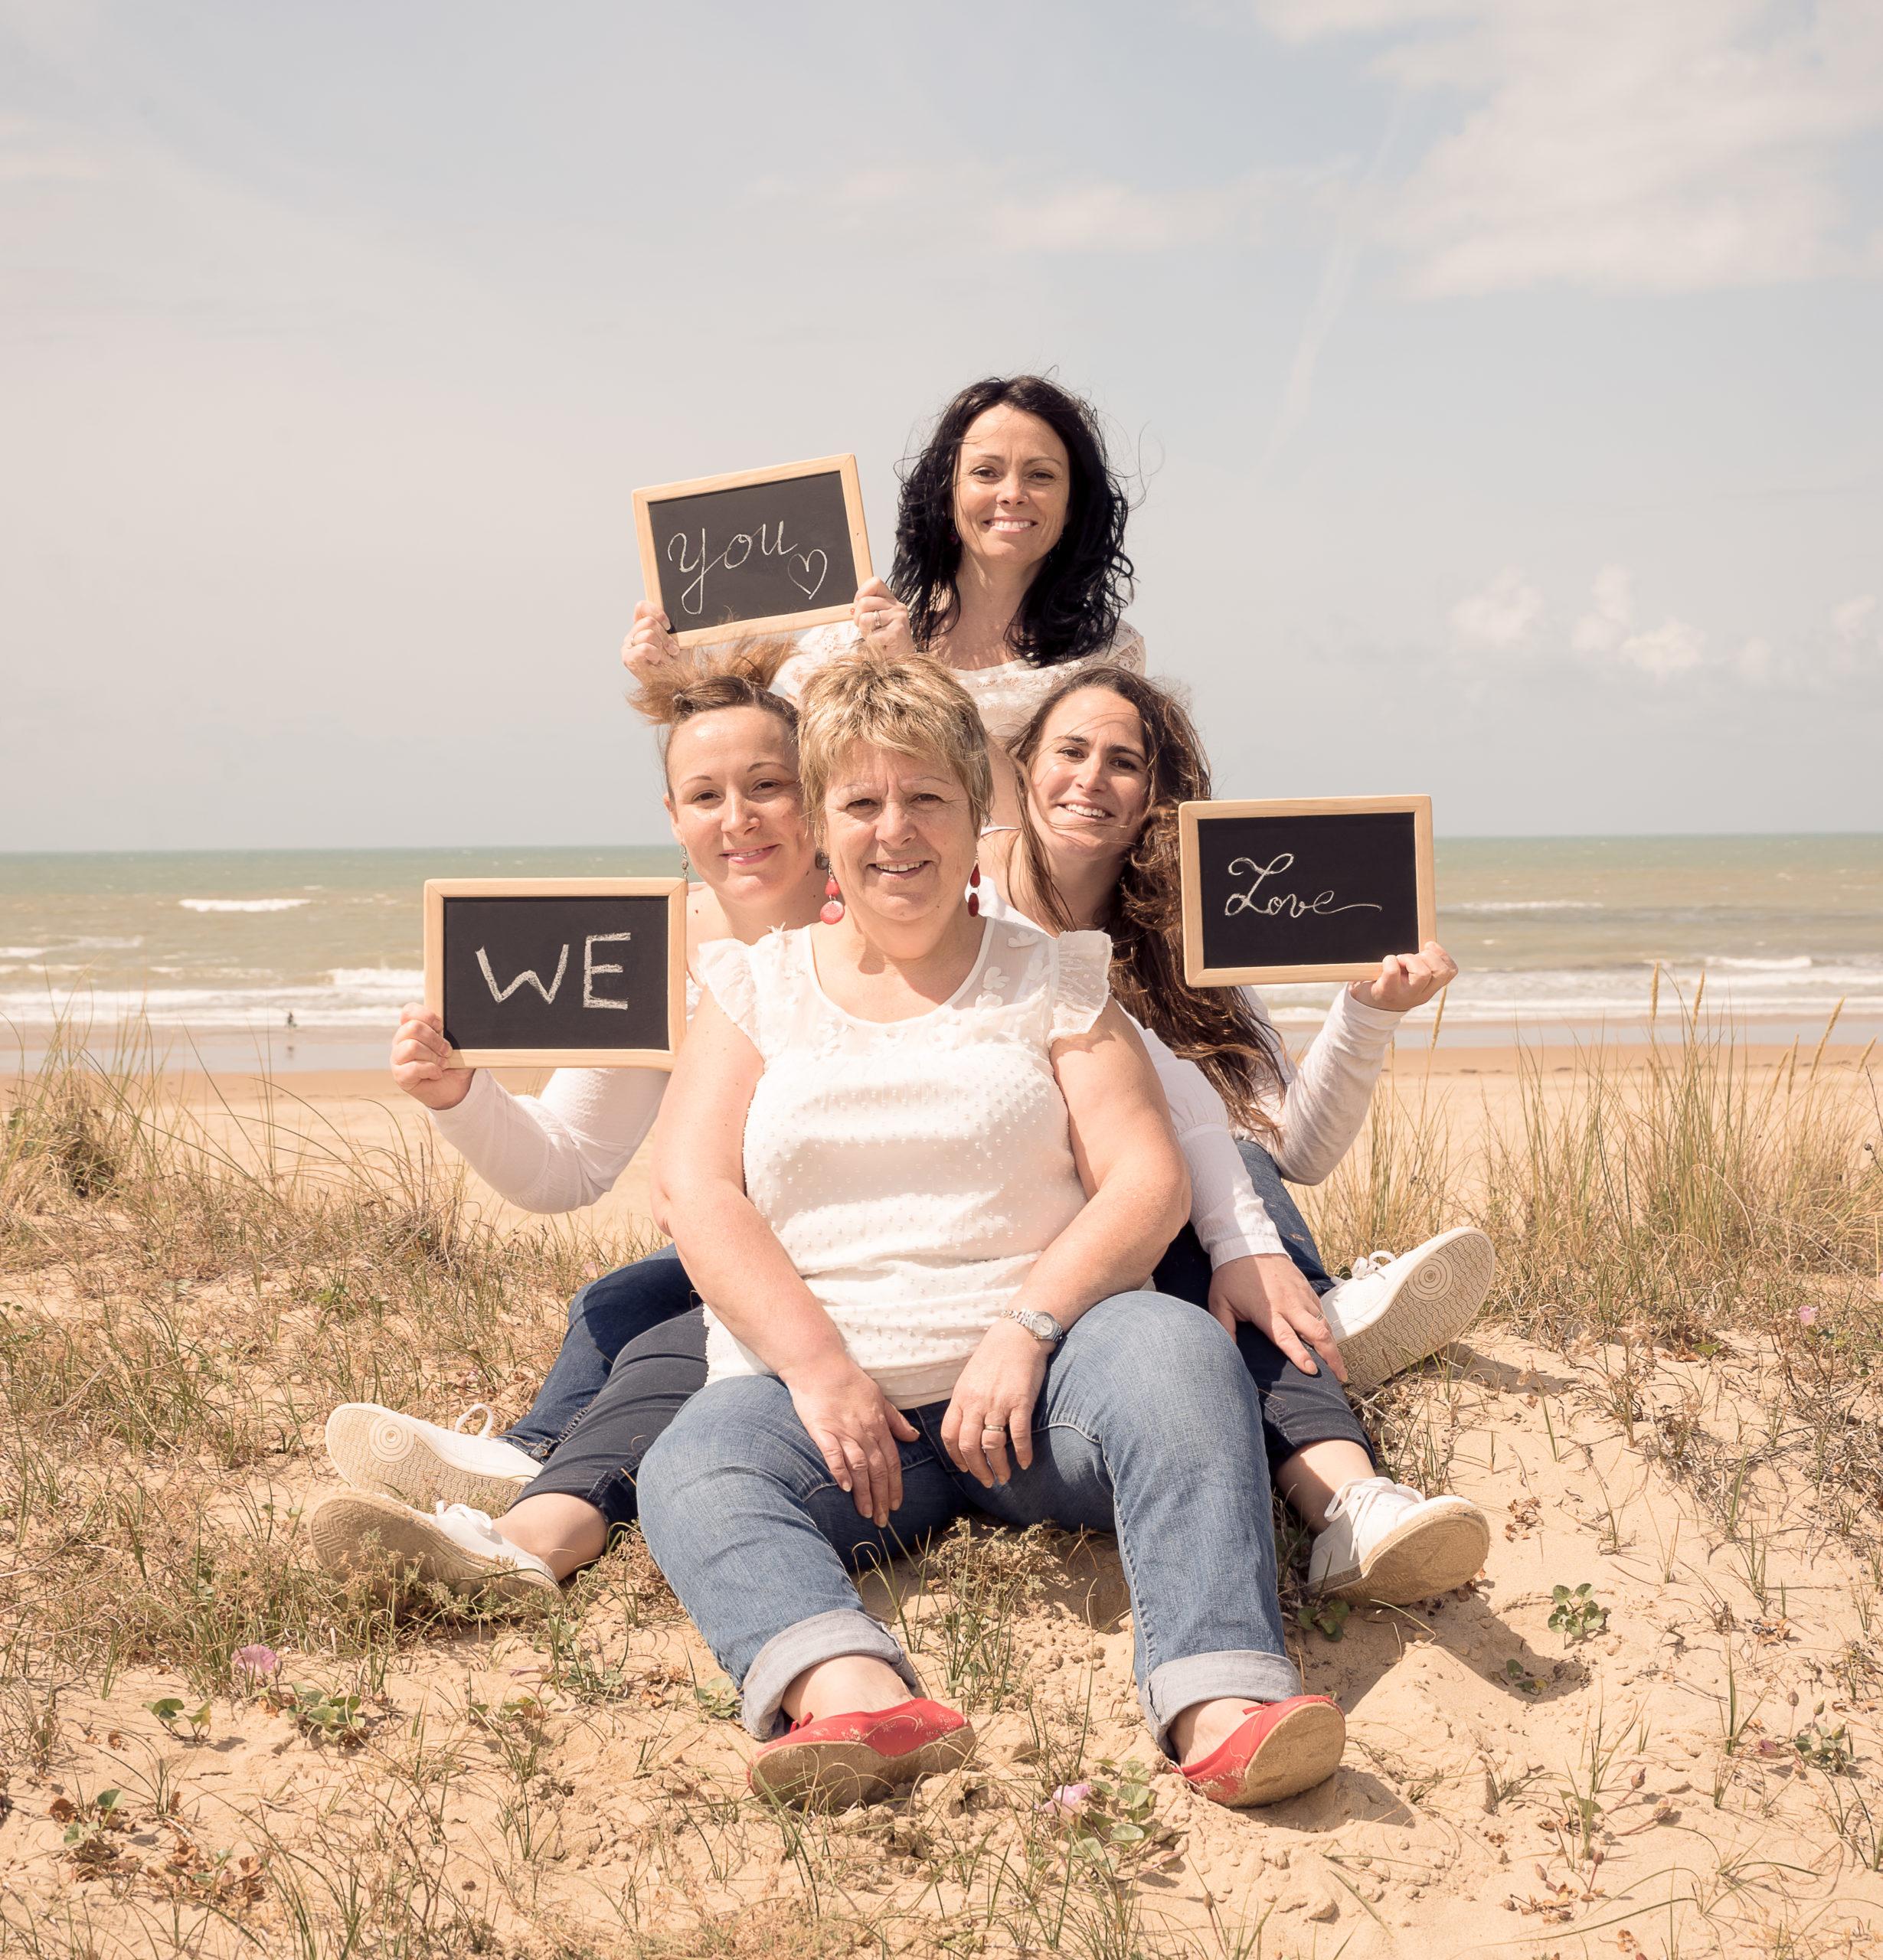 séance photo famille à la plage du Veillon en Vendée par Sophie Rouzineau photographe de famille